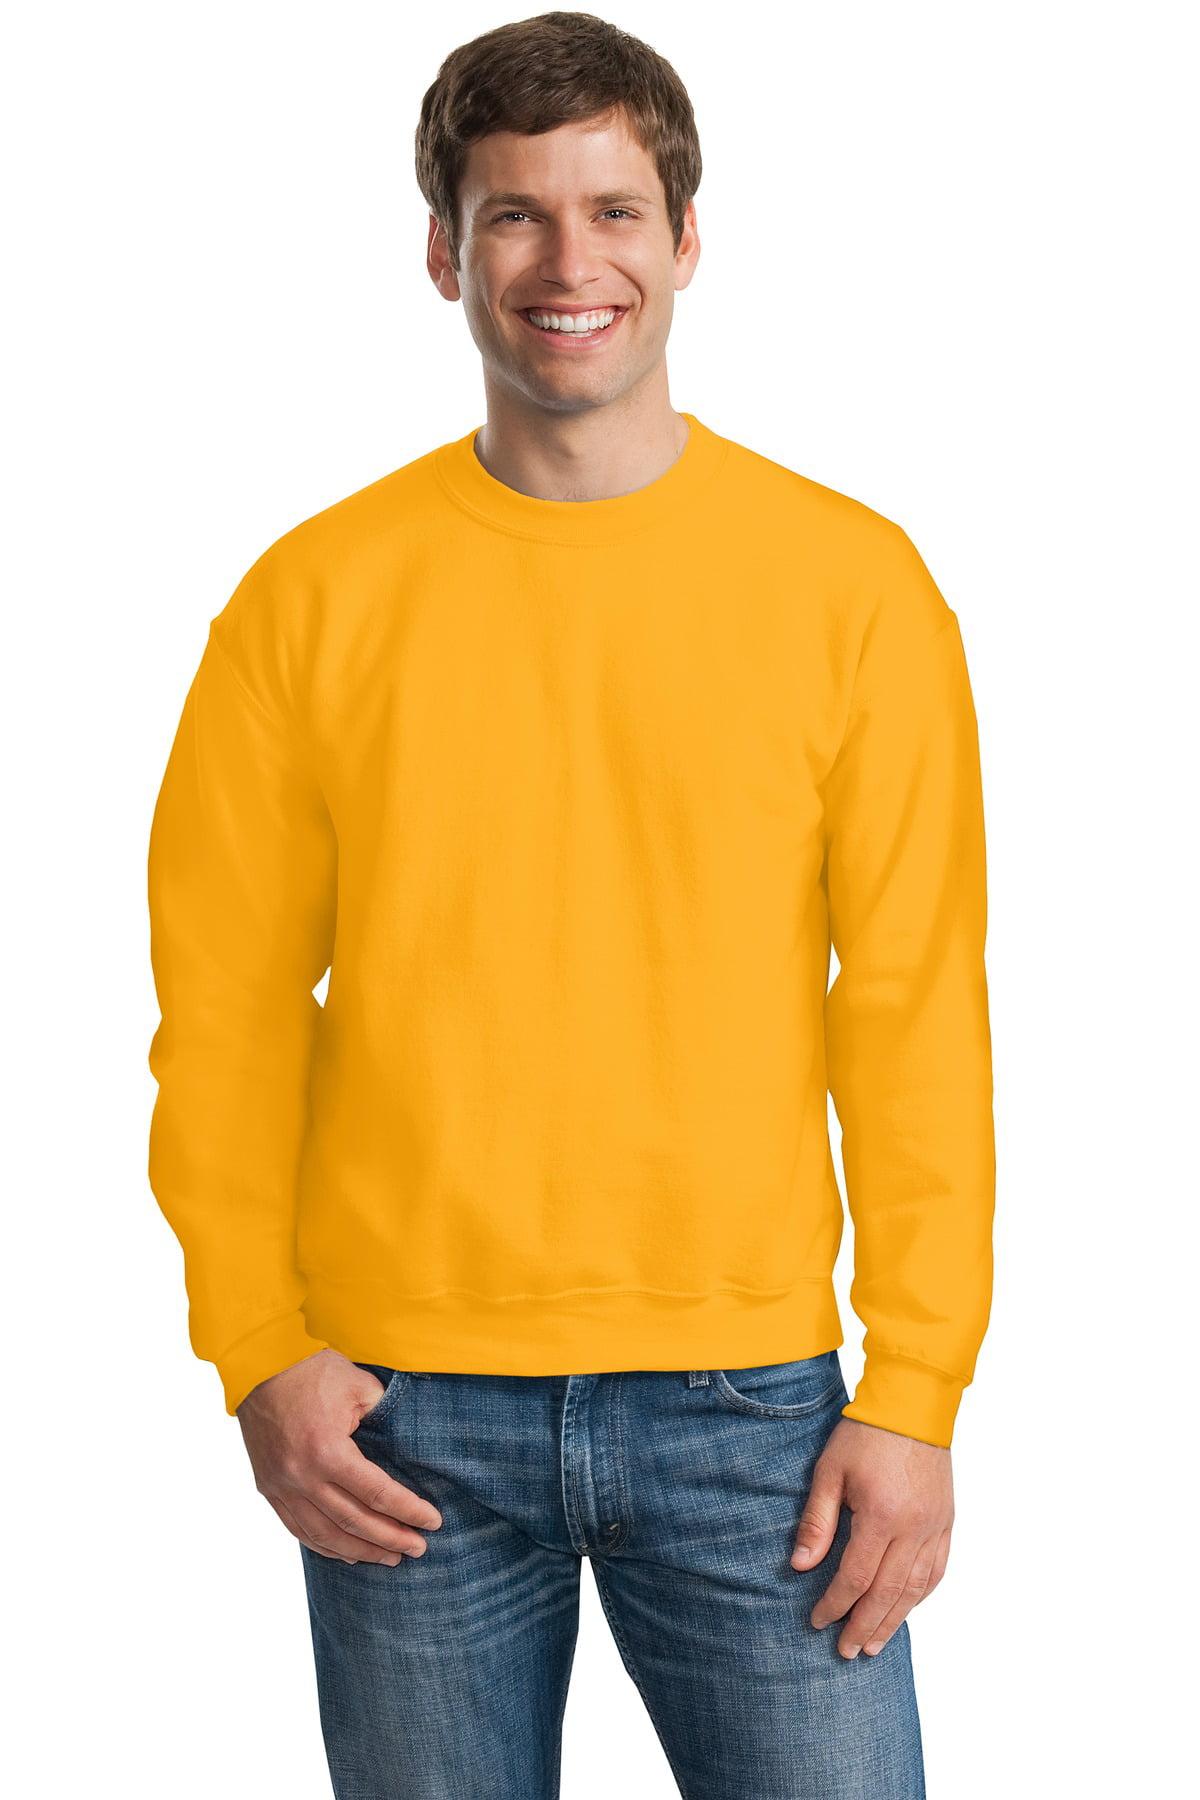 Gildan Men's Heavy Blend Crew Neck Fleece Sweatshirt